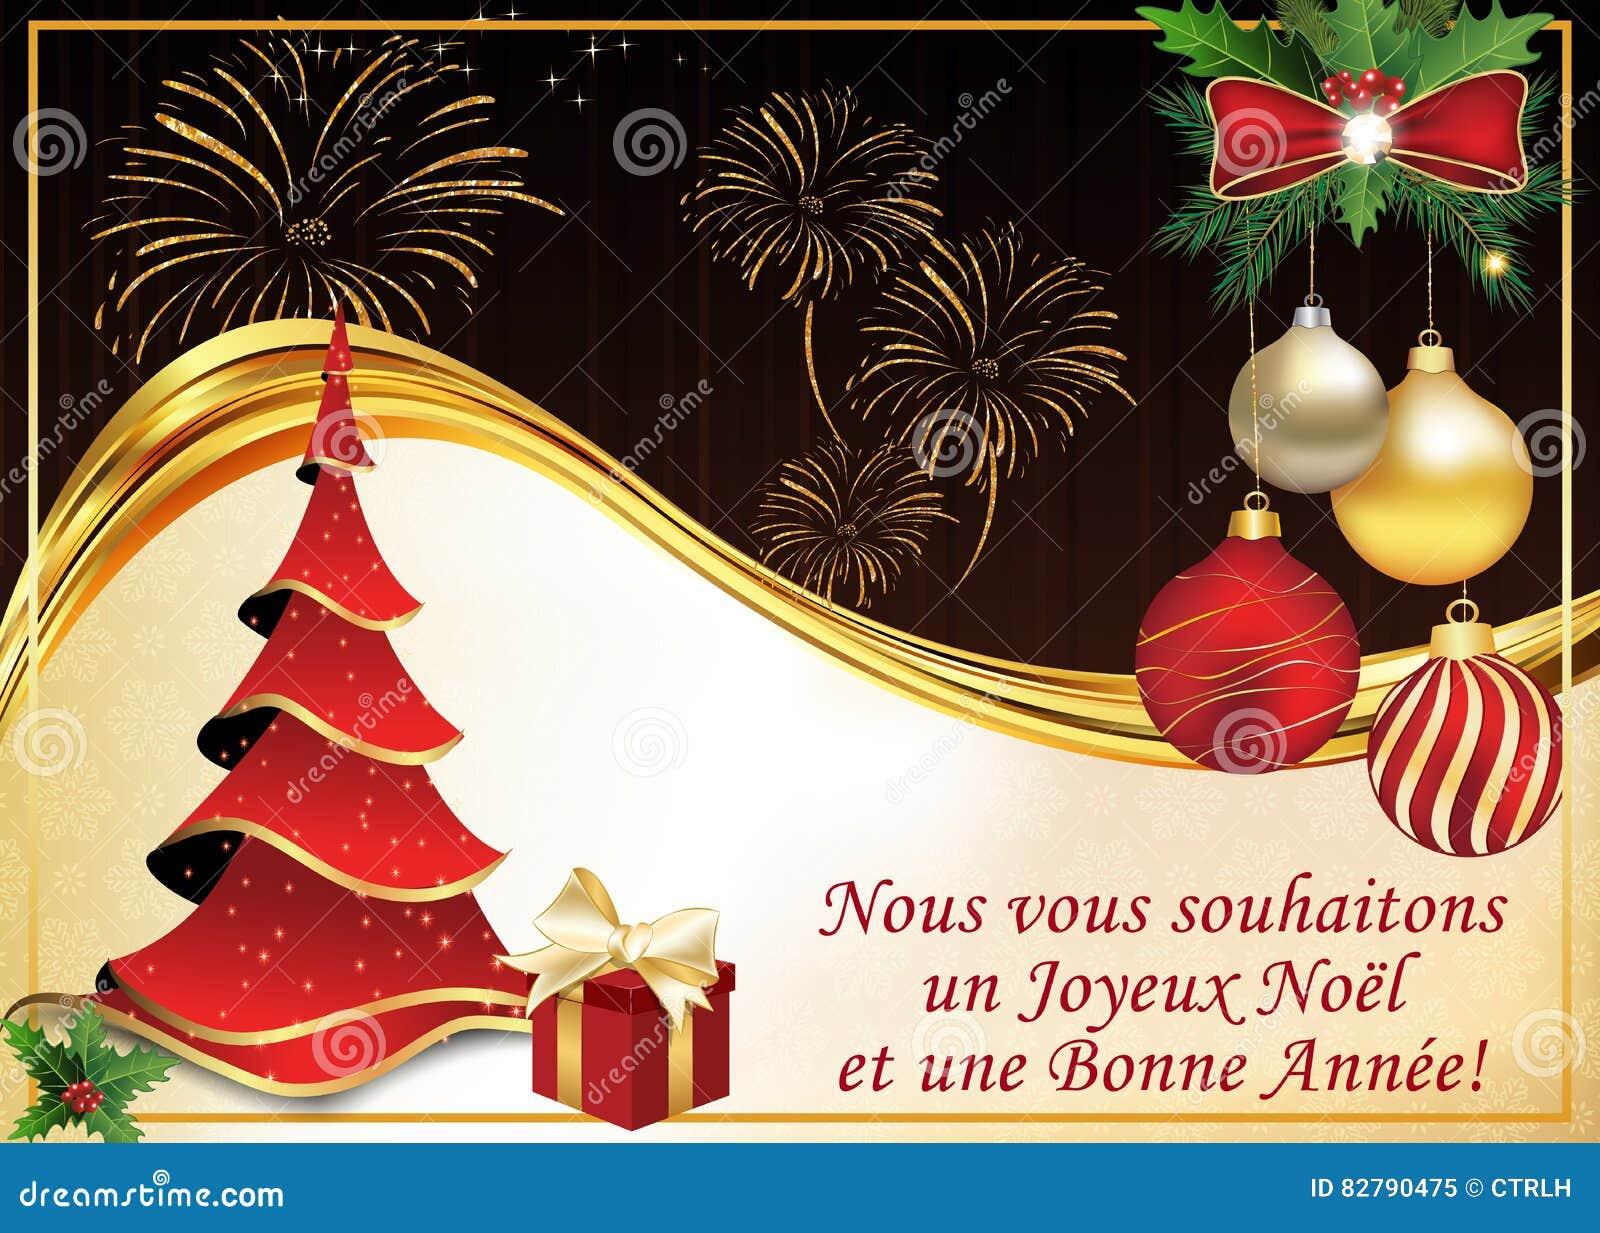 Französische Grußkarte Wir Wünschen Ihnen Frohe Weihnachten Und ...